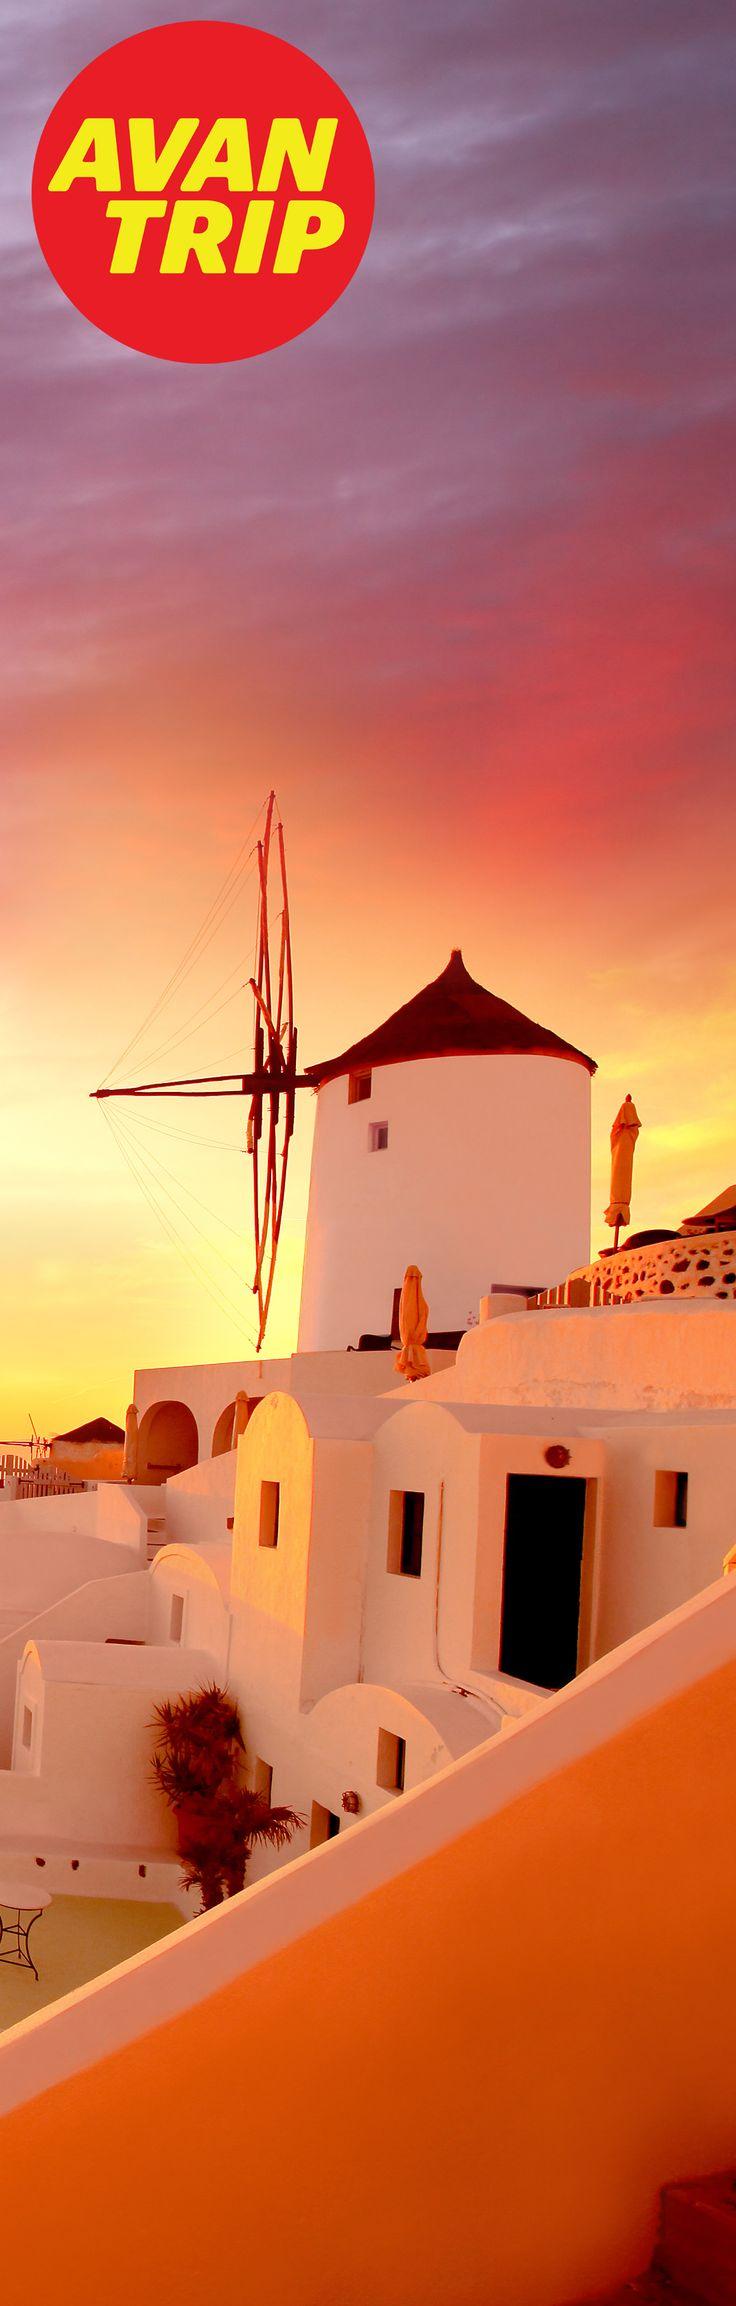 Adivinanza: Avantrip está visitando #Grecia, y se encontró con este maravilloso atardecer... ¿En qué isla griega está? - Contestá con #AvantripQuizViajero - Mucha Suerte! ---- www.avantrip.com --------------- Respuesta: #Santorini #Atardecer #Sunset #Grecia #greece #Molino #Viajar #Viaje